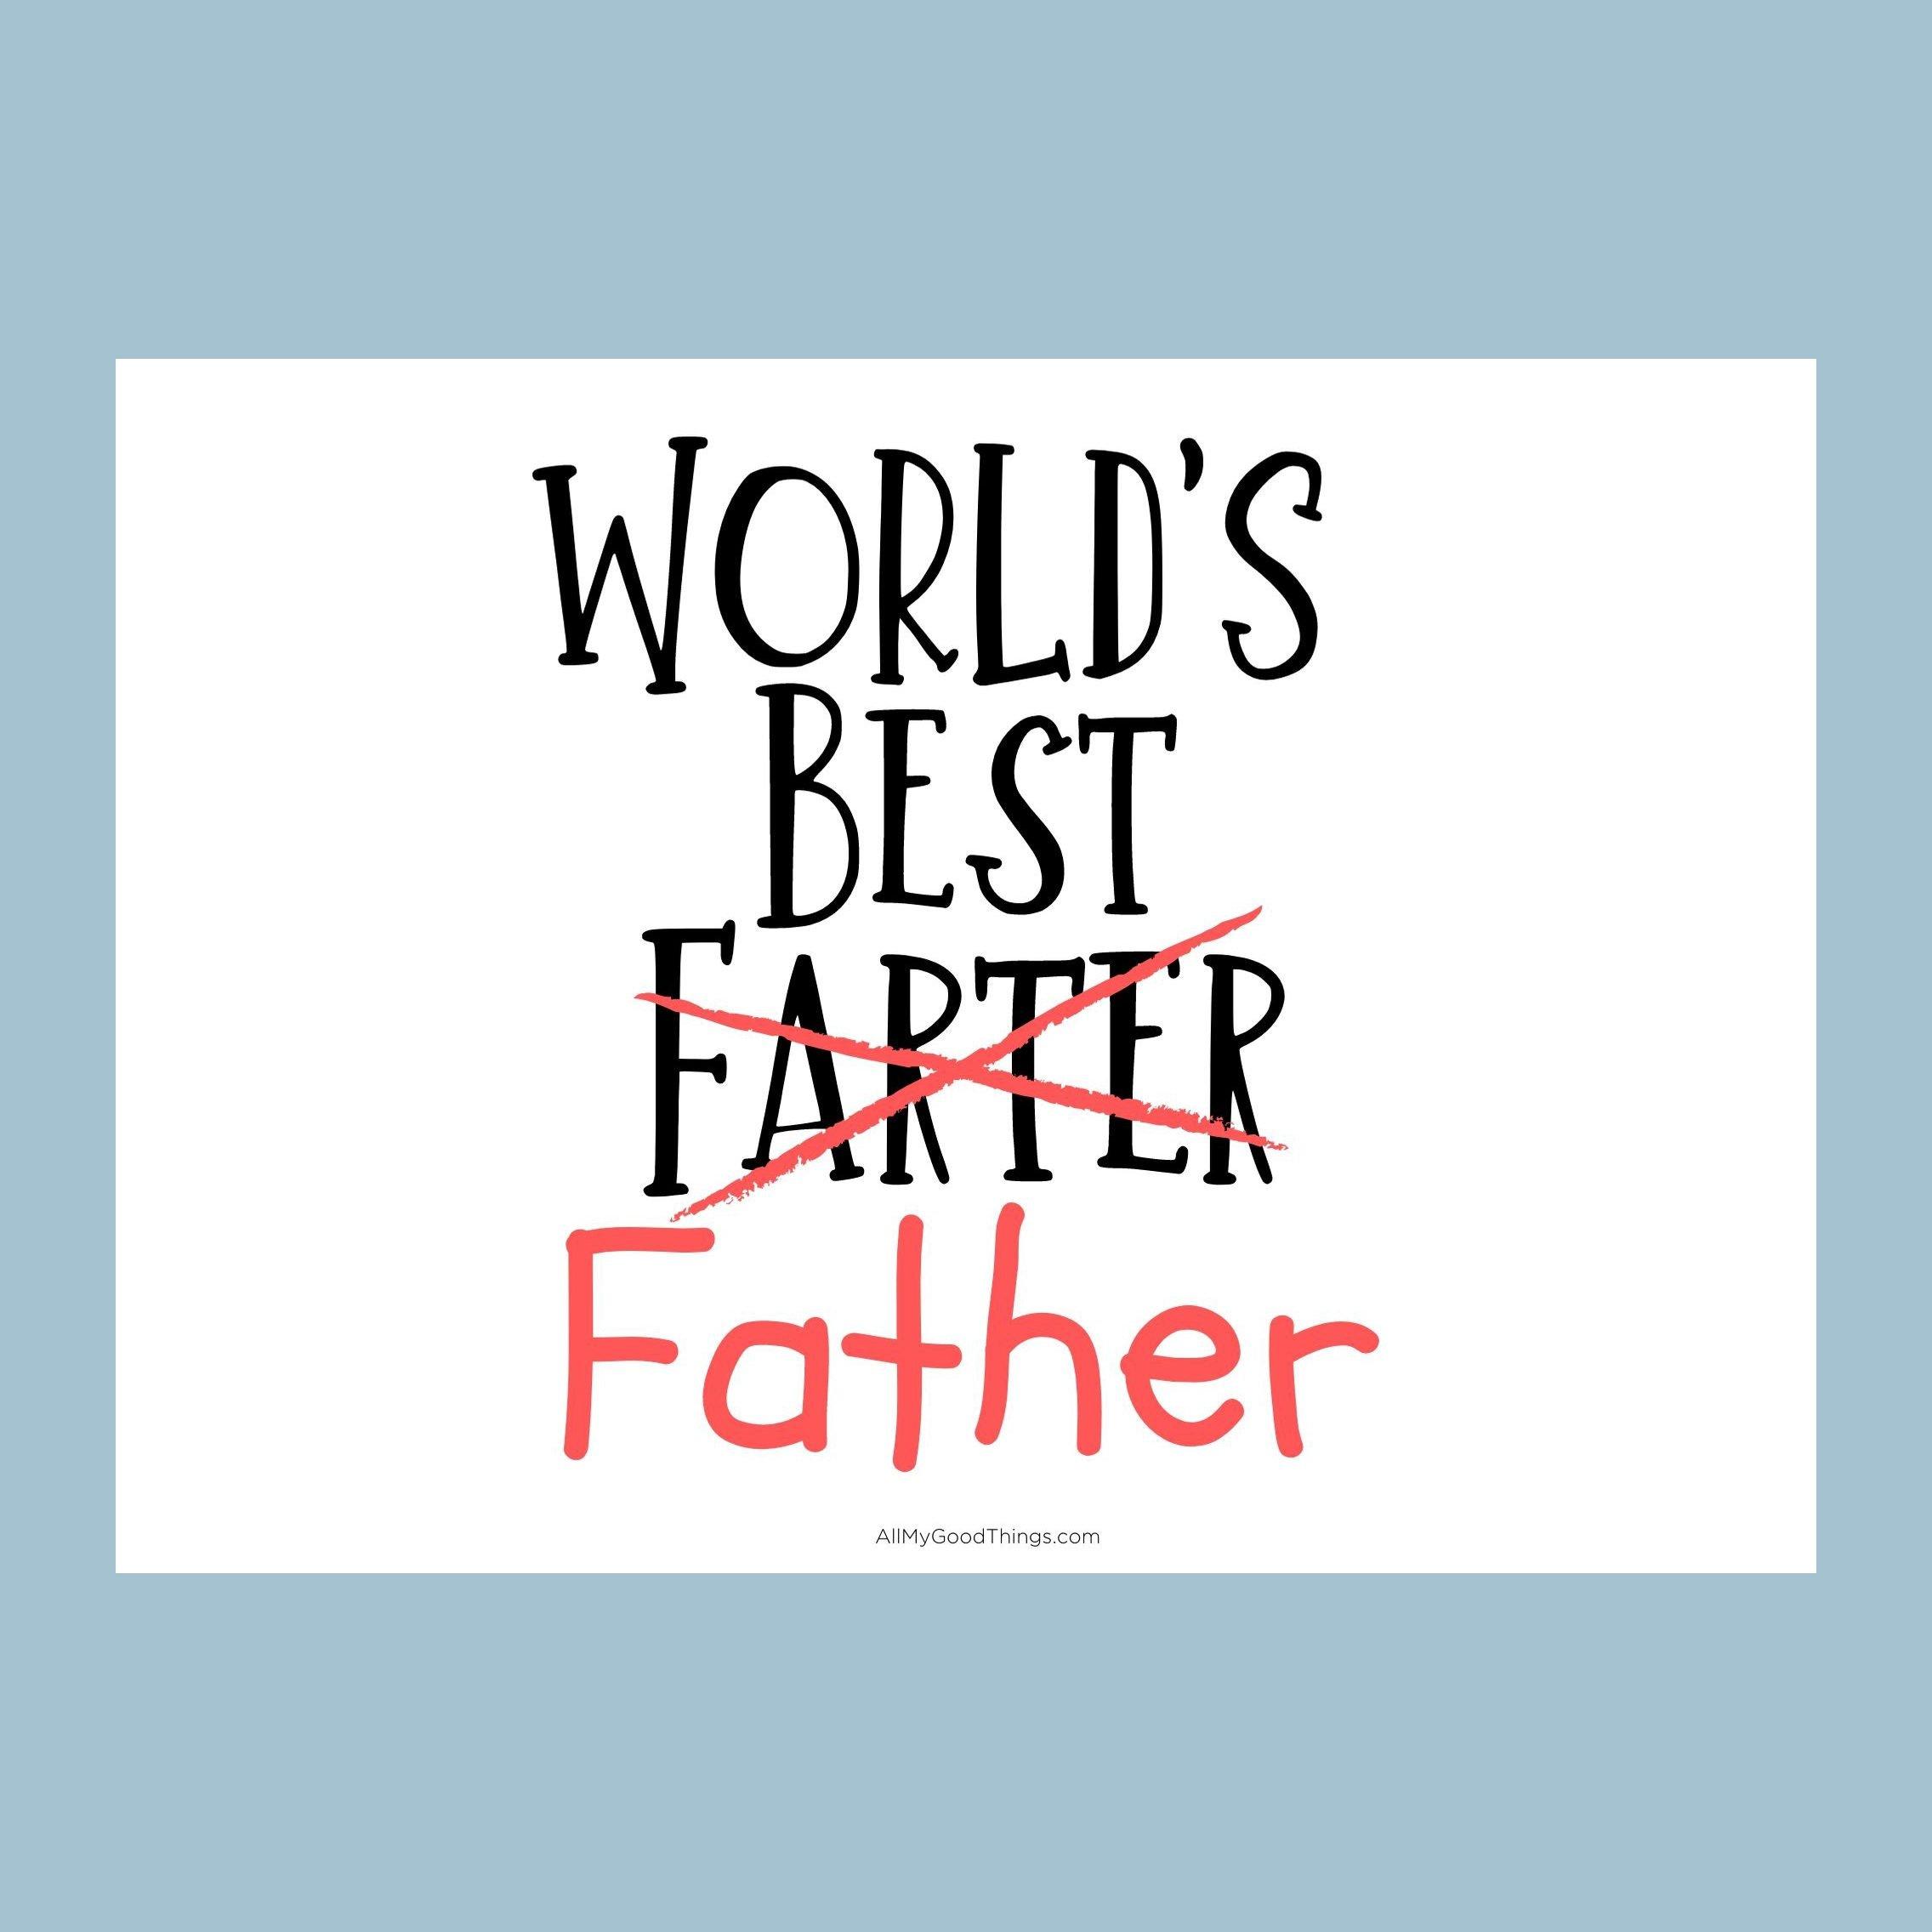 worlds best farter